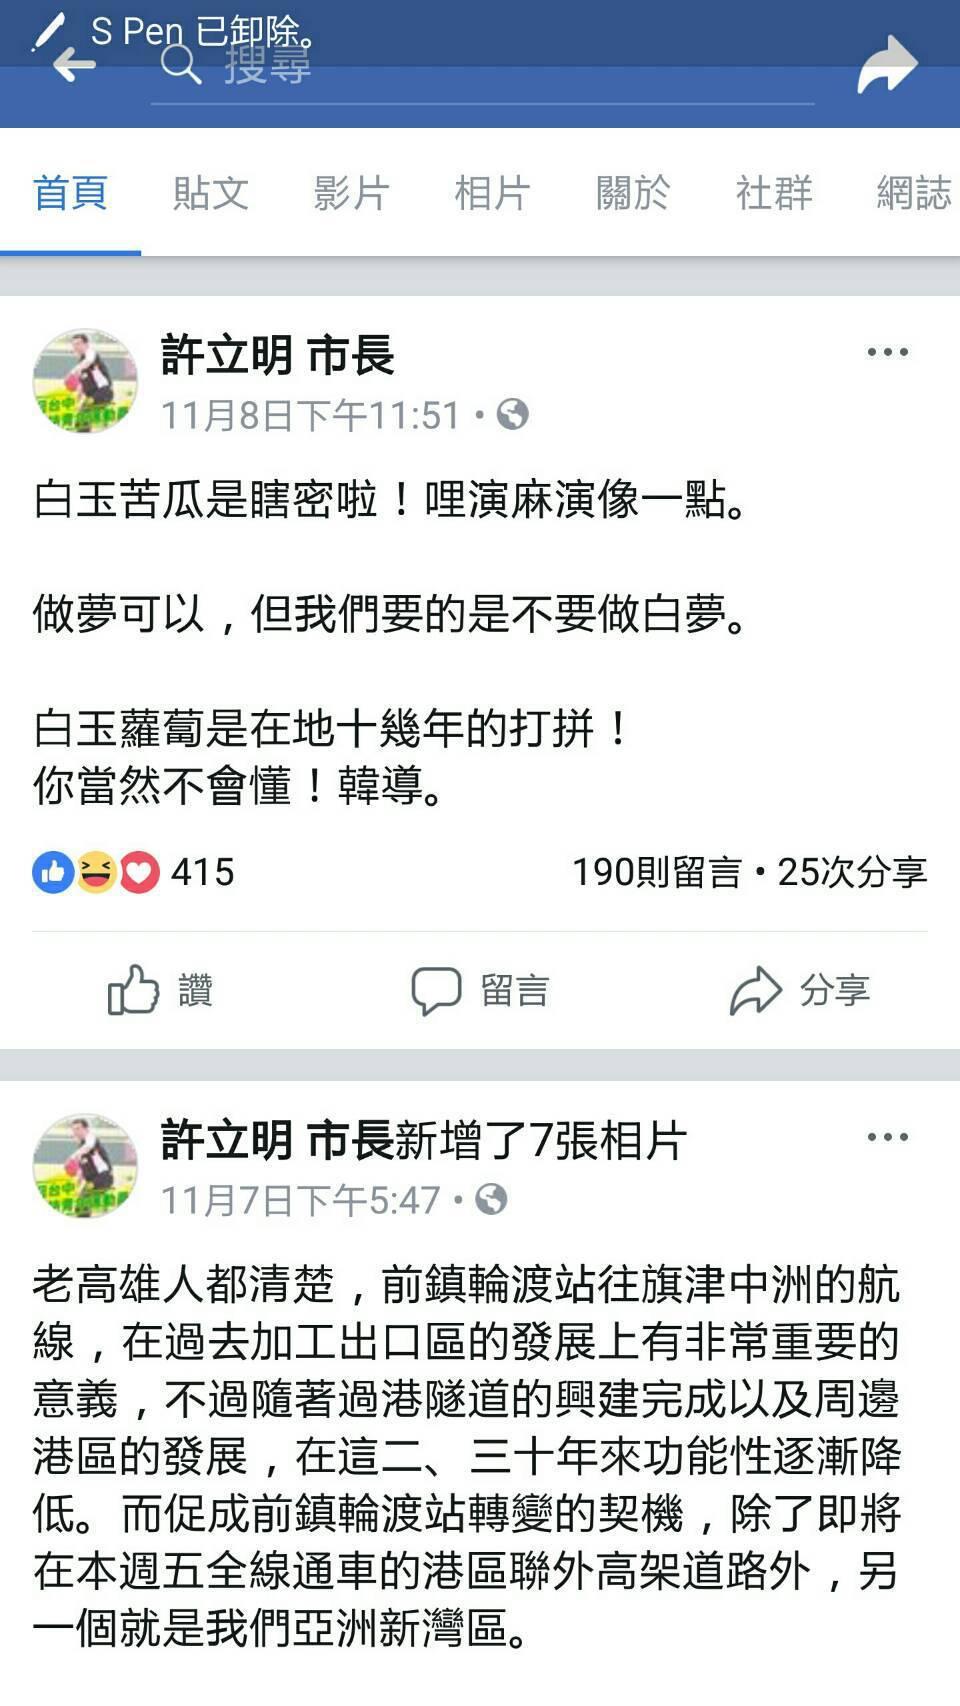 晚會結束後,高雄市代理市長許立明在臉書質問「白玉苦瓜是瞎密」。記者徐白櫻/翻攝